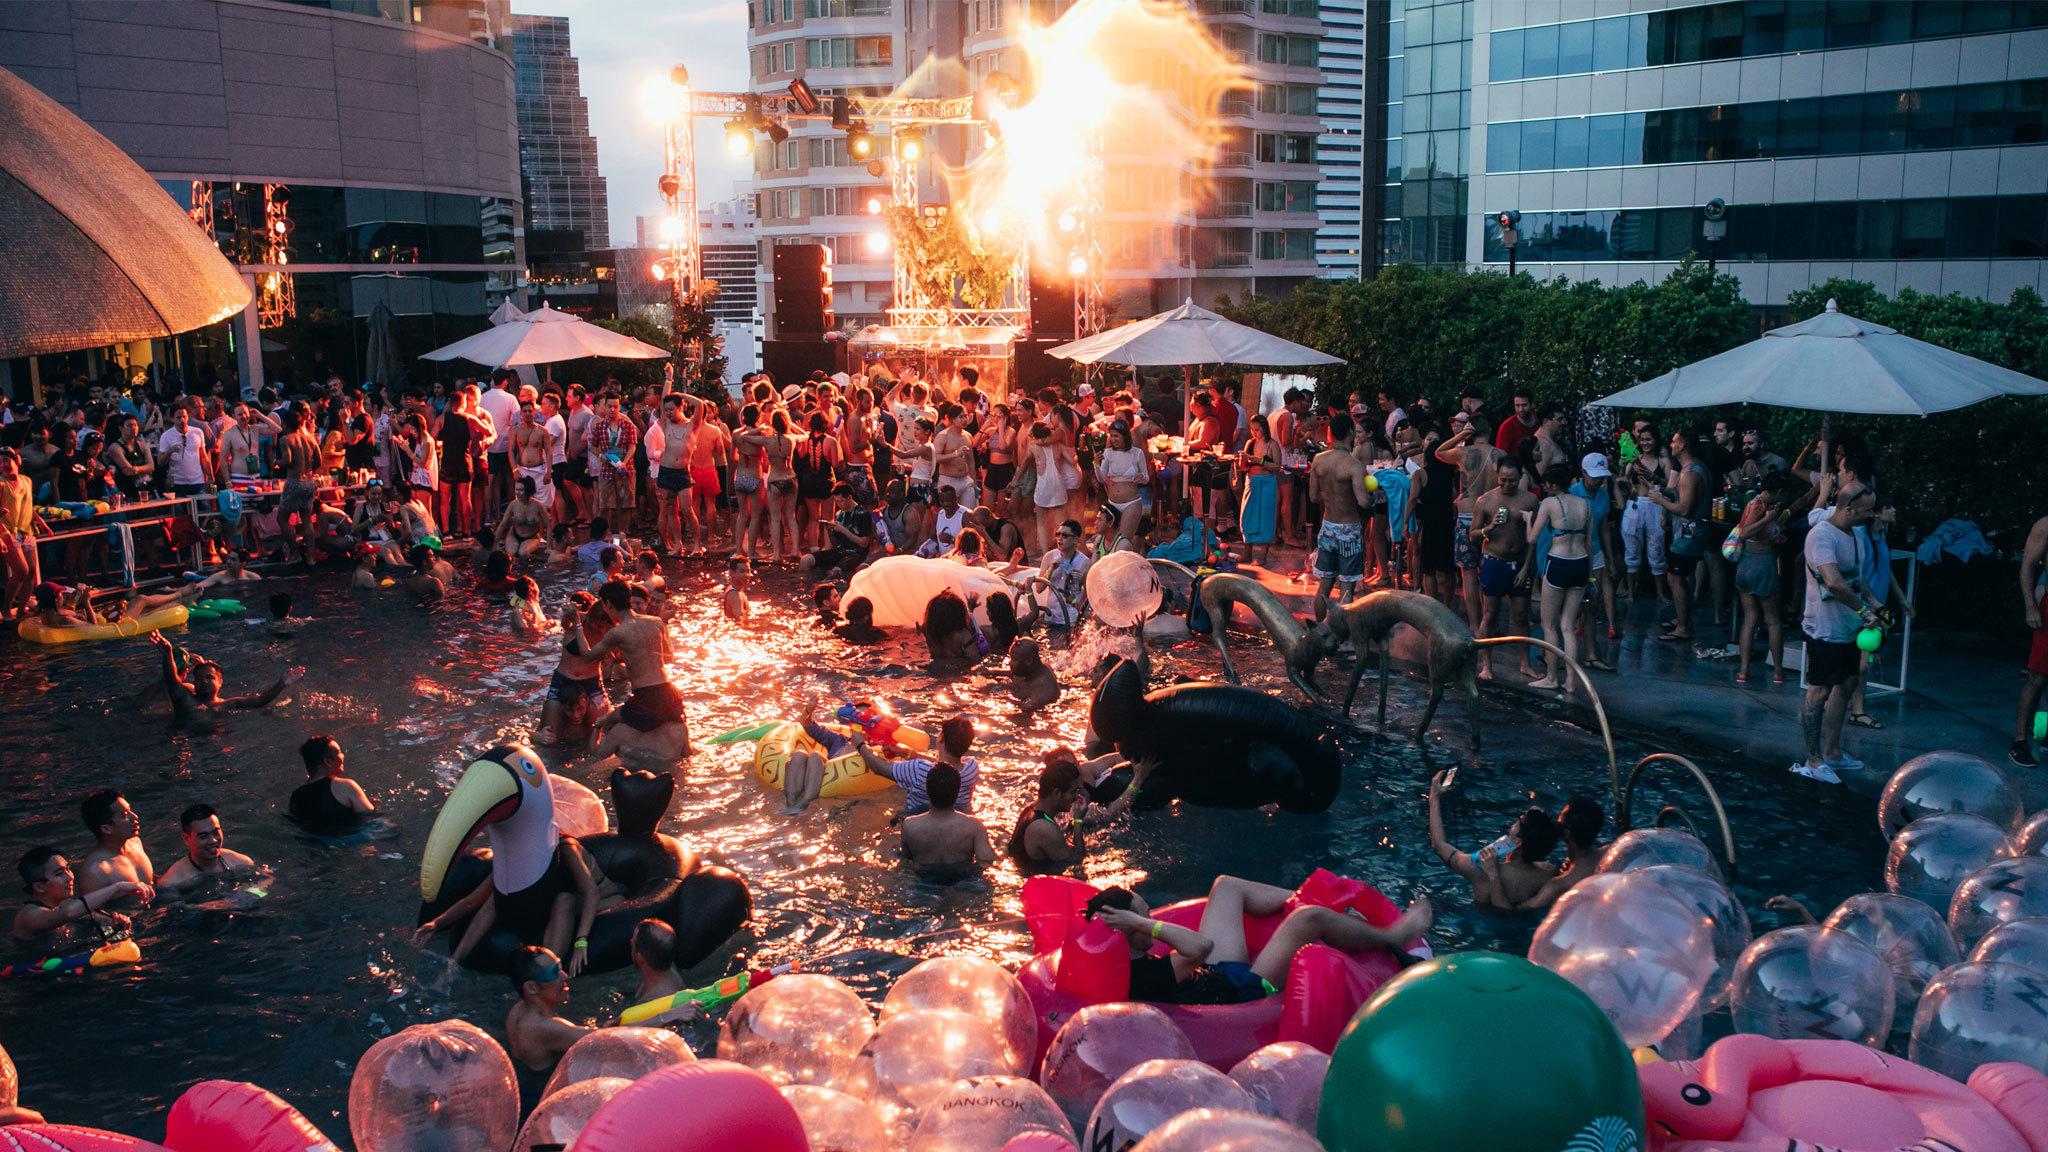 ปาร์ตี้สงกรานต์ในกรุงเทพฯ ที่คุณไม่ควรพลาด